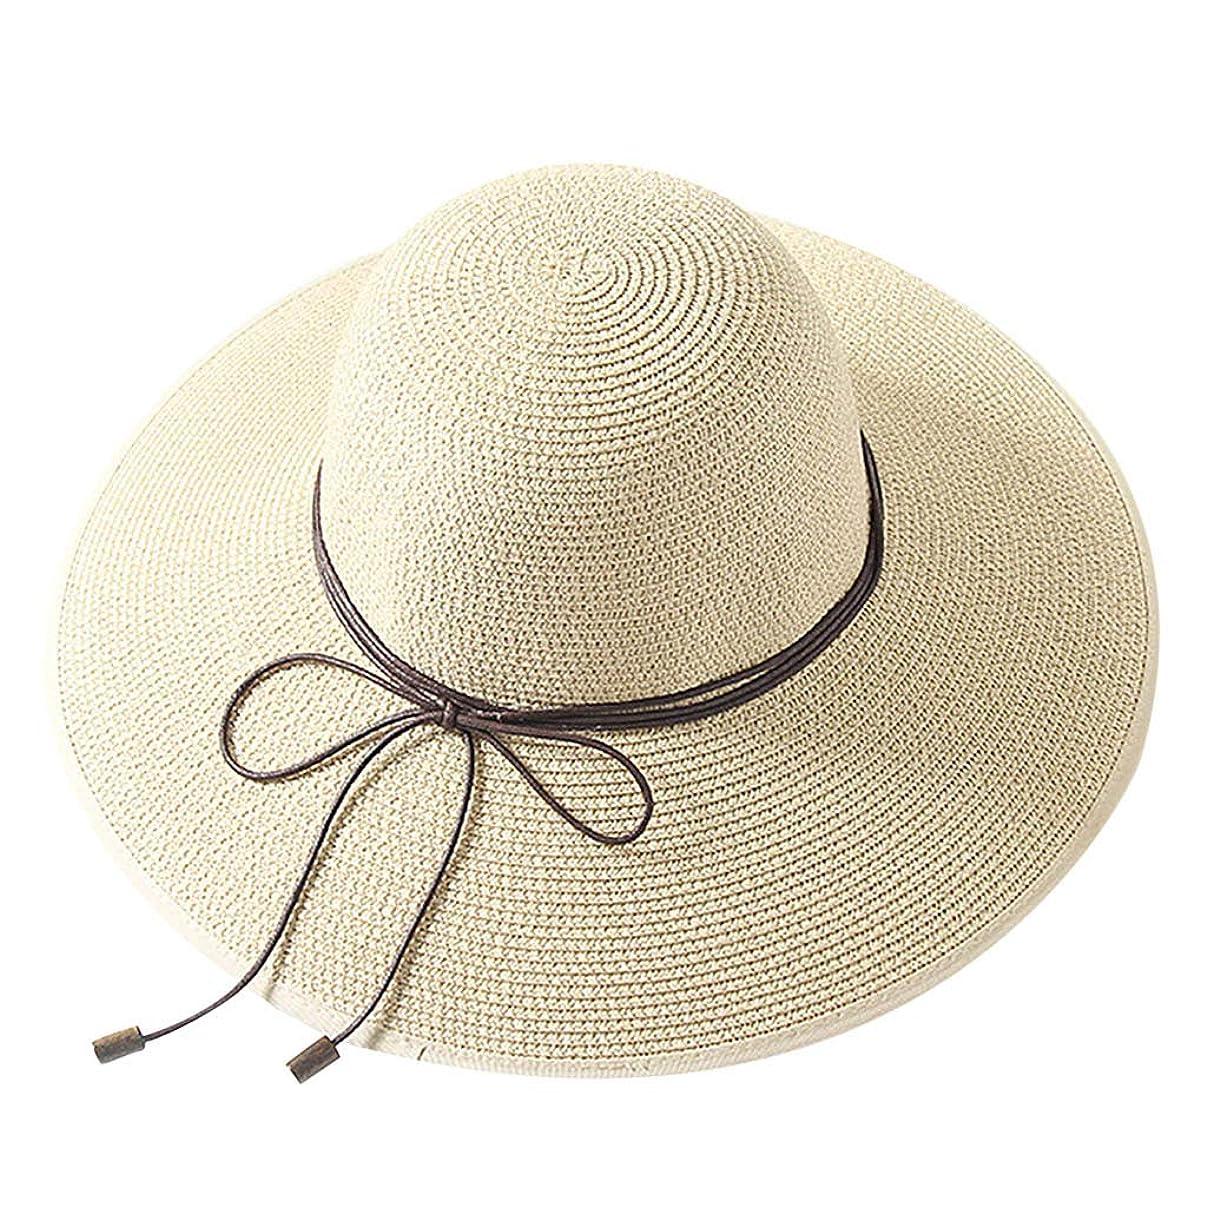 空白見る人ヤギ帽子 レディース 大きいサイズ 日よけ つば広 紫外線対策 小顔効果抜群 カジュアル 森ガール レディース オールシーズン UV 大きいサイズ 折りたためる 小顔効果 漁師帽 ハットラップ ROSE ROMAN